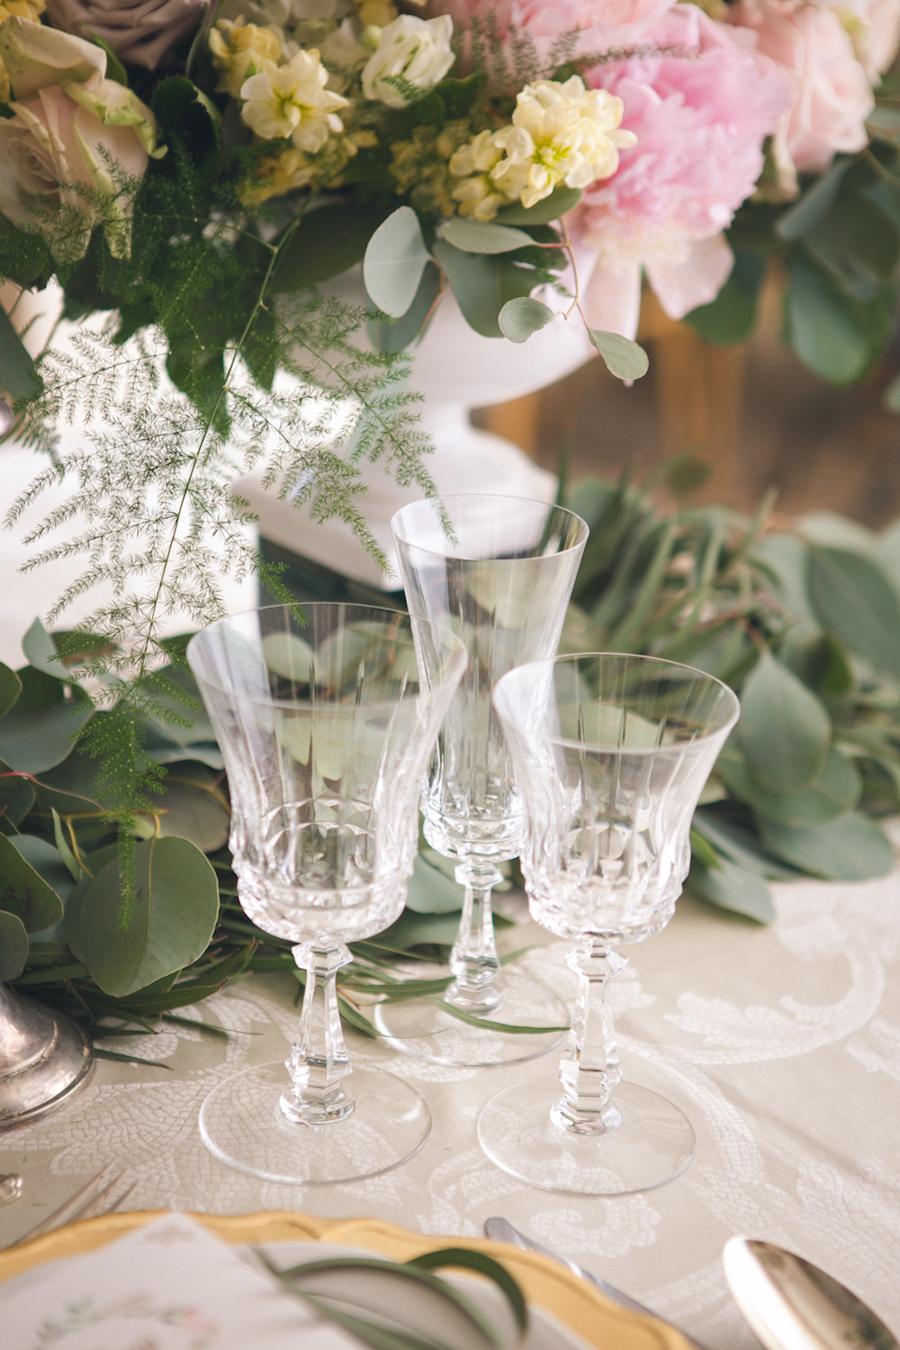 Matrimonio Tema Giardino Zen : Peonie per un matrimonio in giardino wedding wonderland